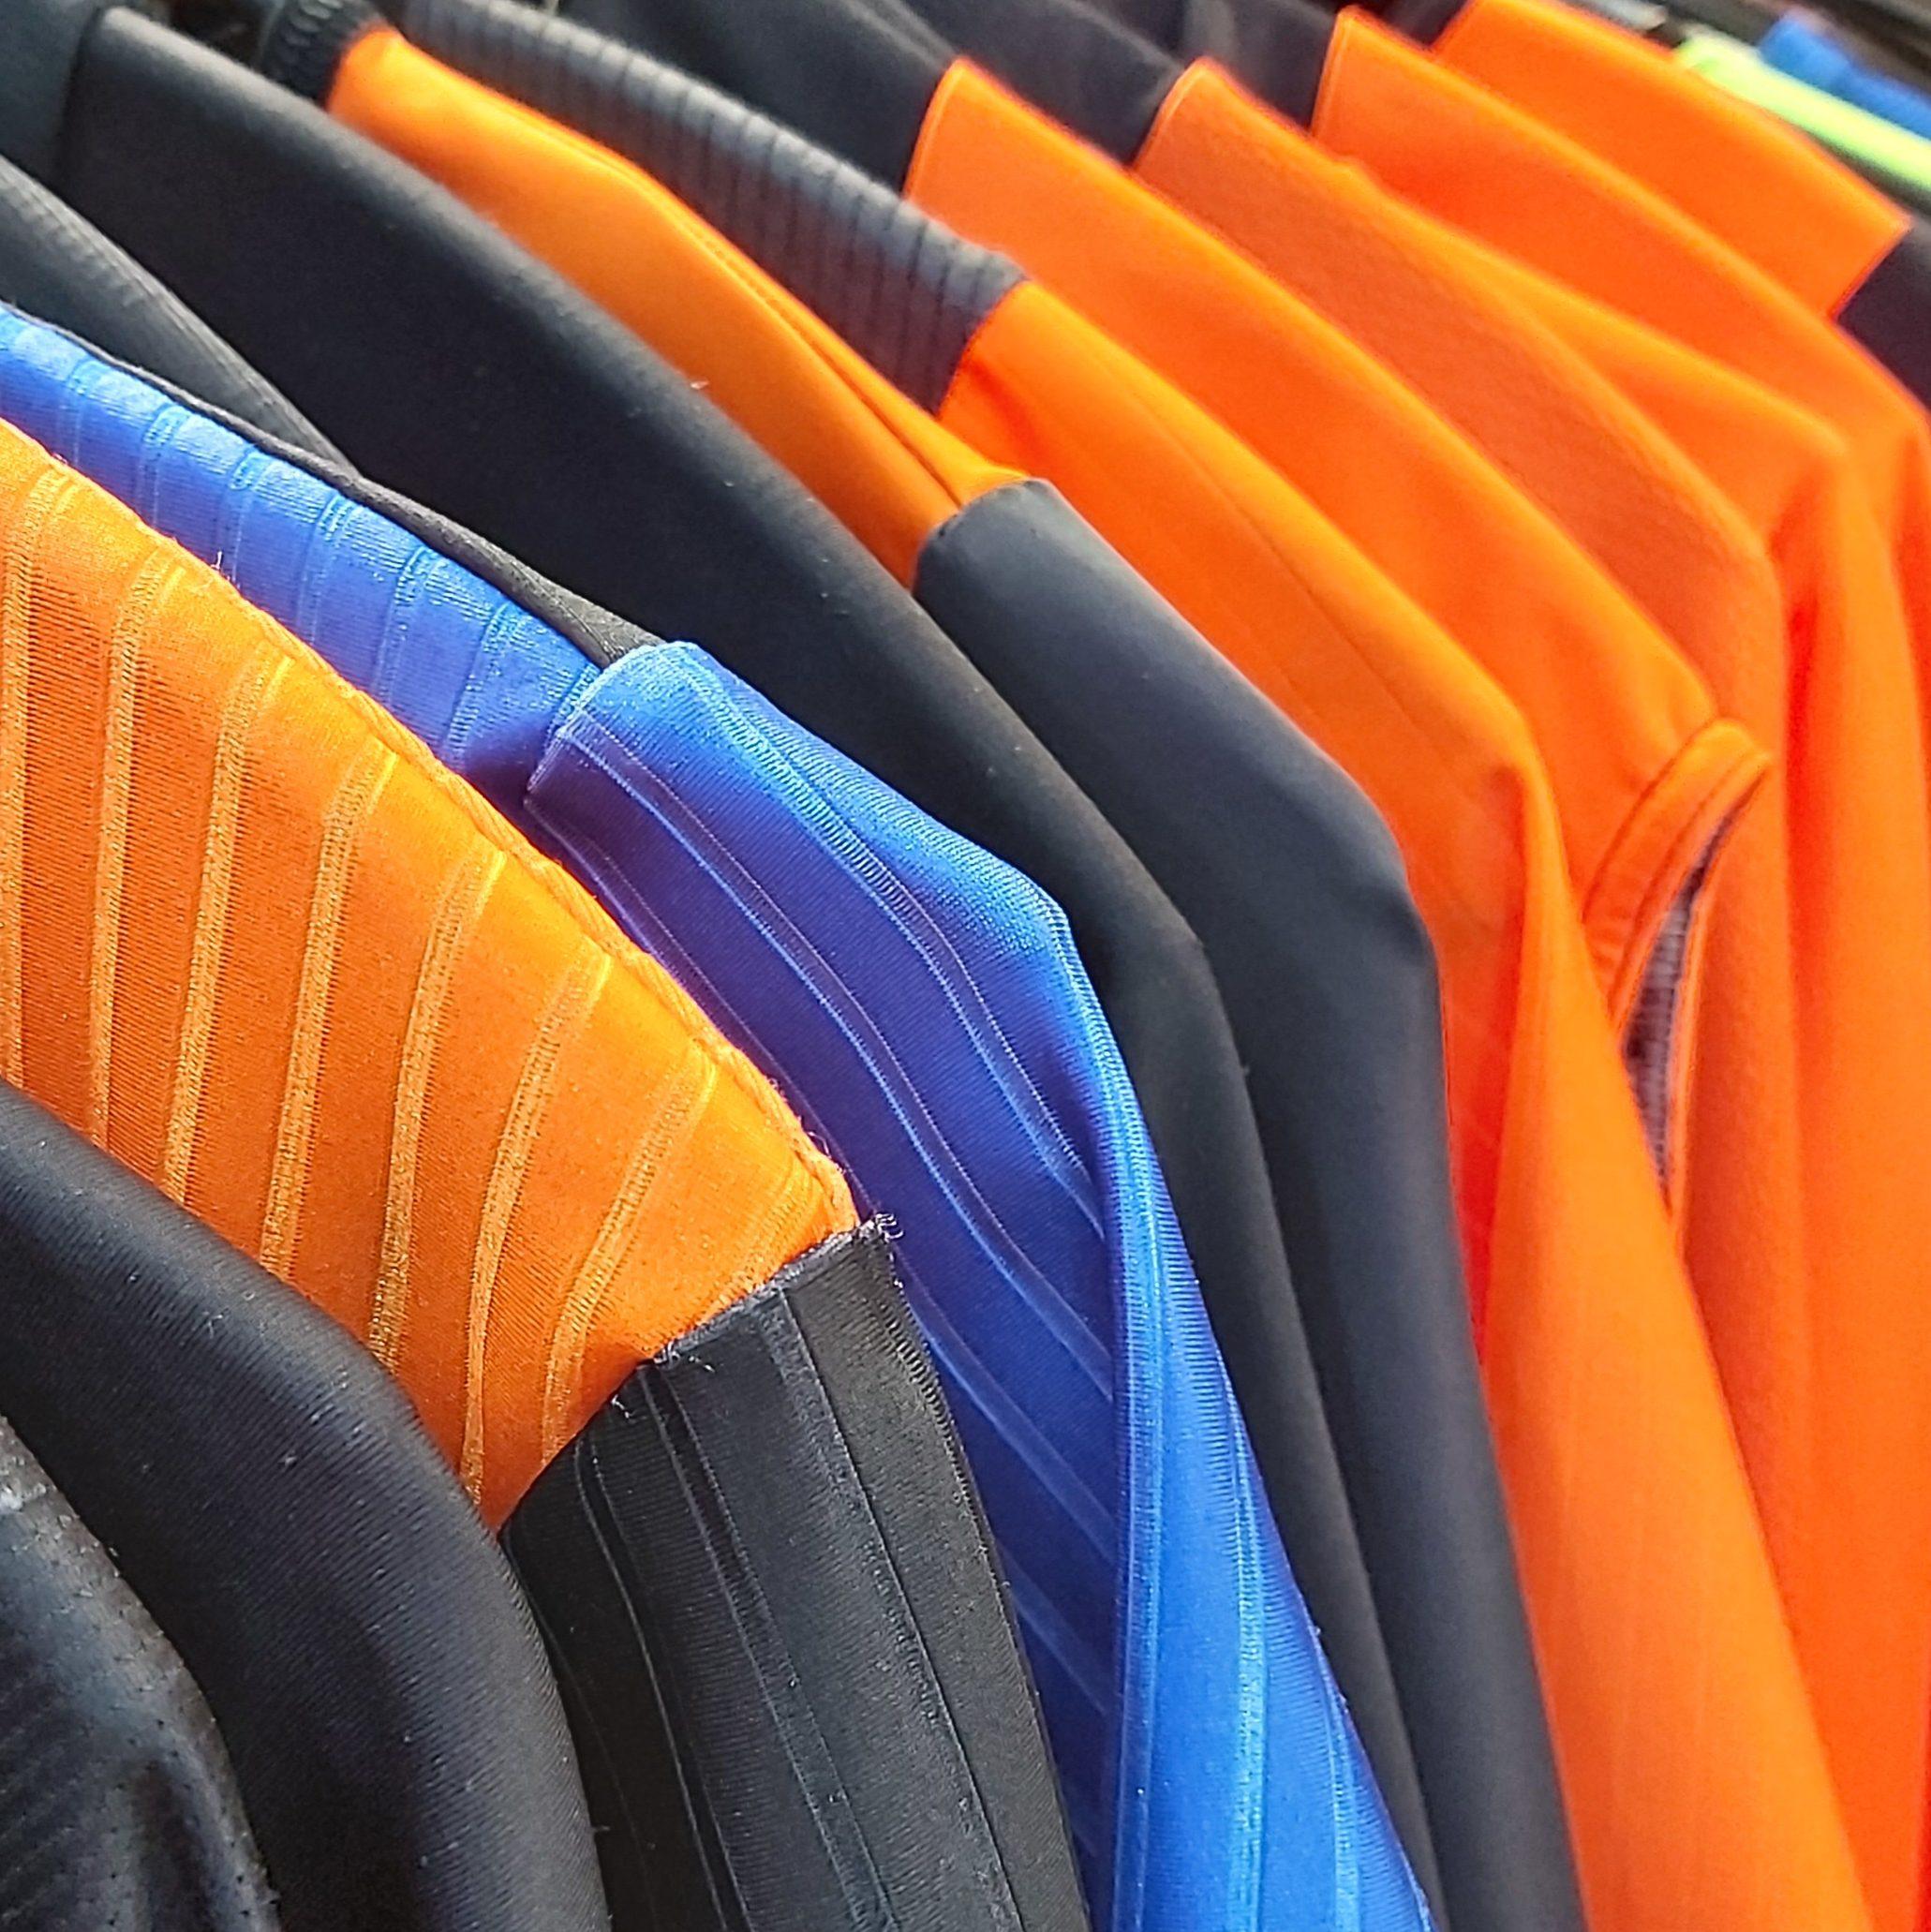 Sportkleding wassen. Wielerkleding wassen. Fietskleding wassen. Fietskleding bestellen. Wasvoorschriften fietskleding